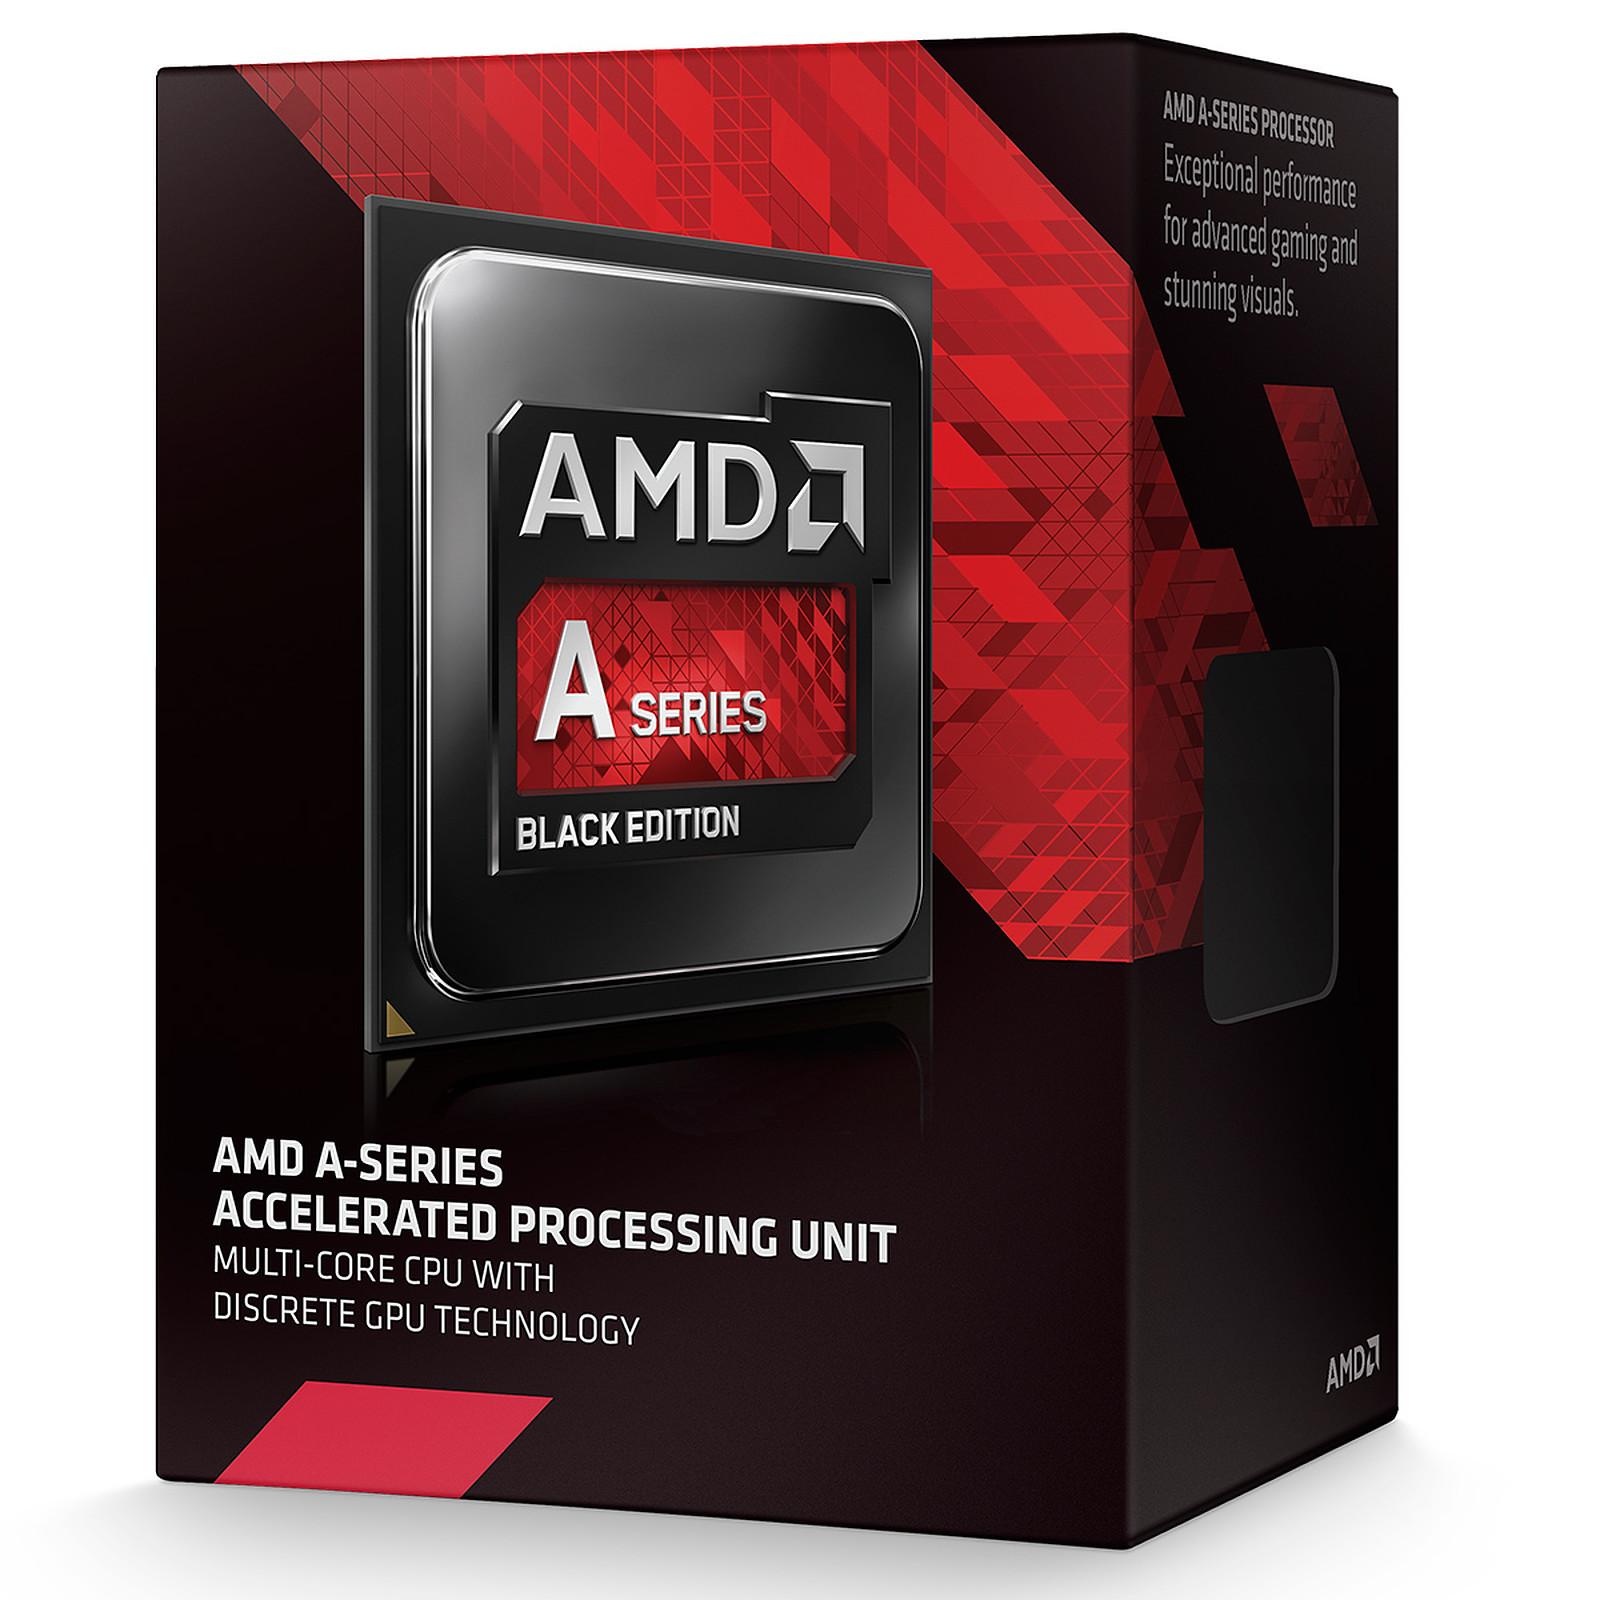 AMD A10-7850K (3.7 GHz) Black Edition